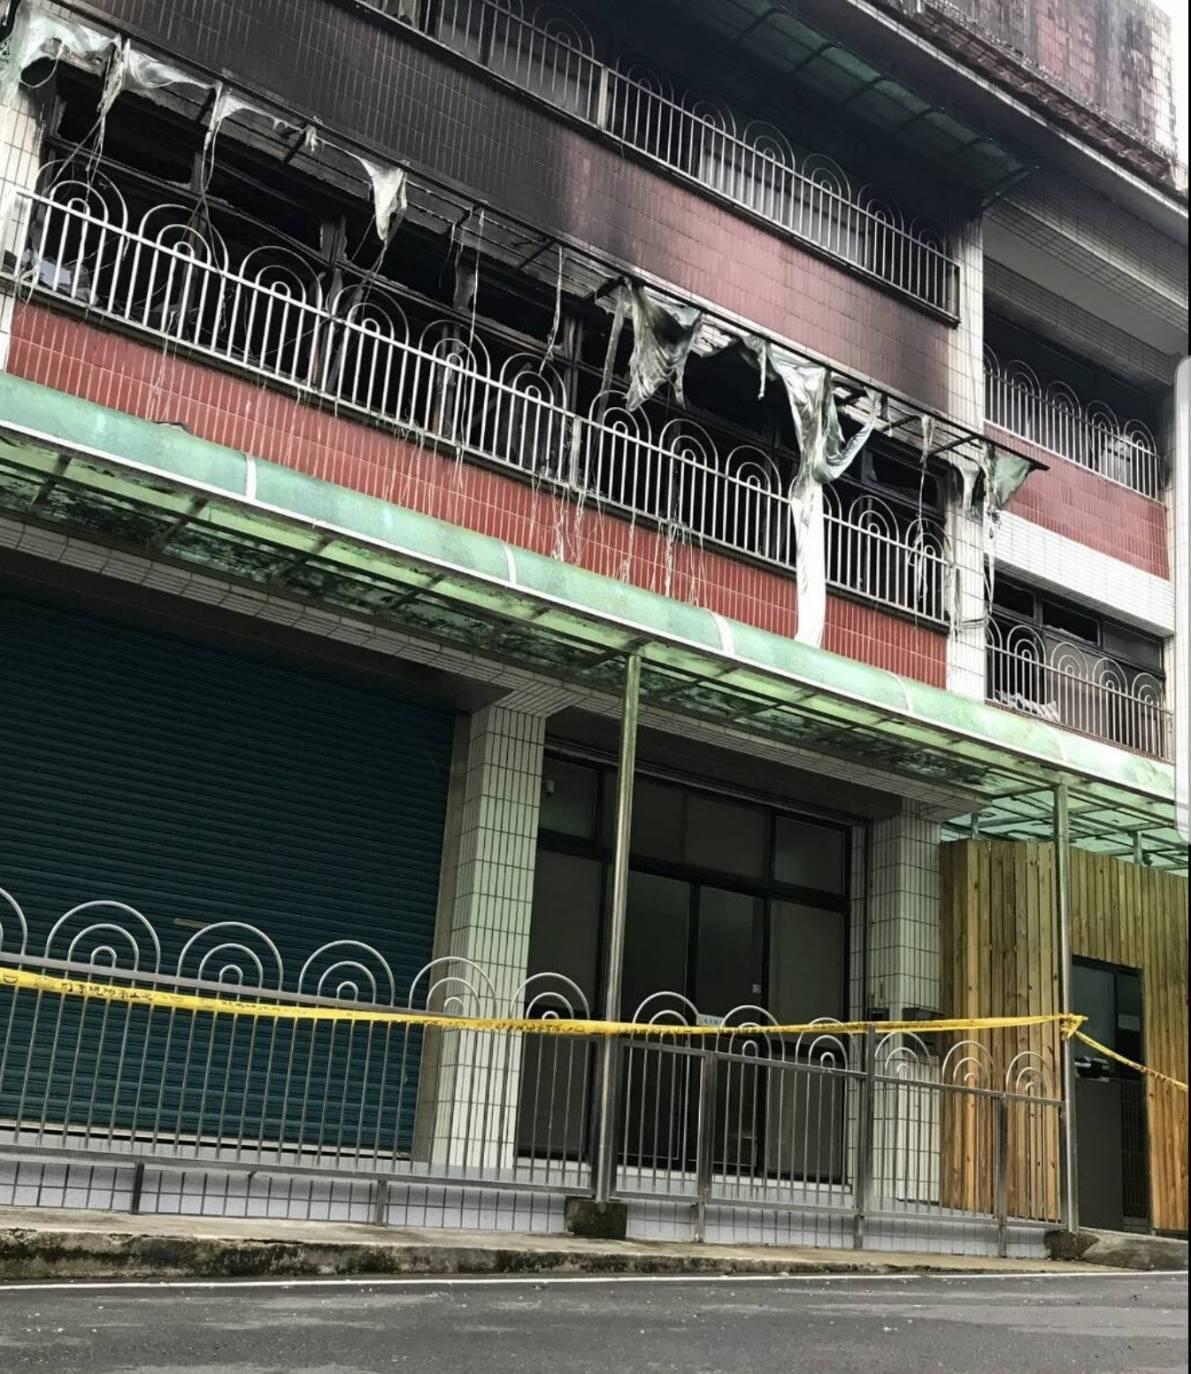 新北市石碇區南勢坑的基督教得勝關懷之家今天凌晨1時許發生火警,共造成2死3傷,至...